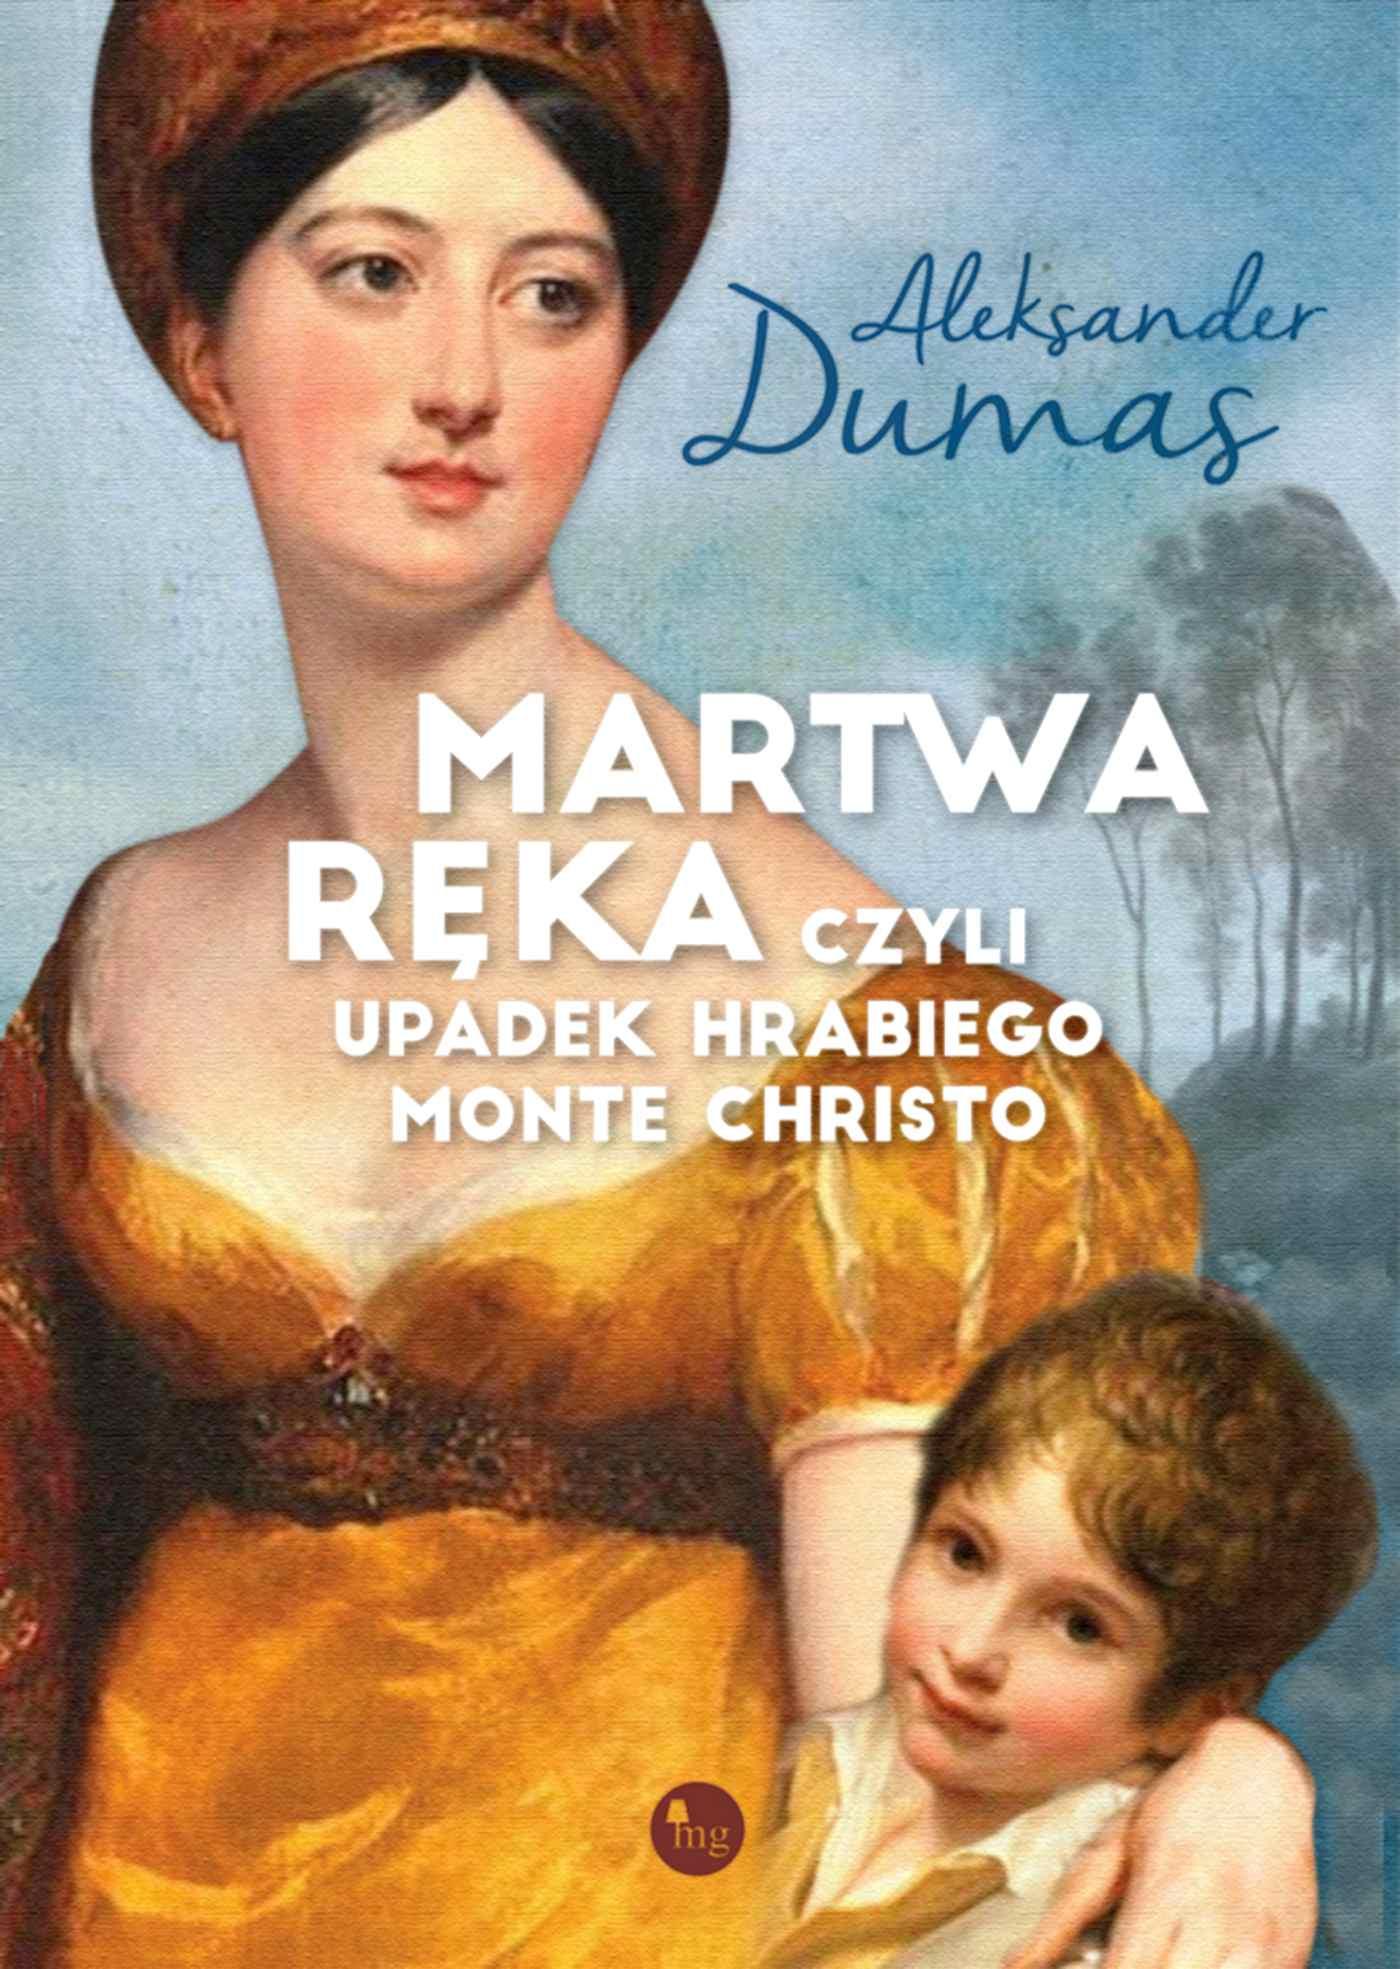 Martwa ręka, czyli upadek hrabiego Monte Christo - Ebook (Książka EPUB) do pobrania w formacie EPUB